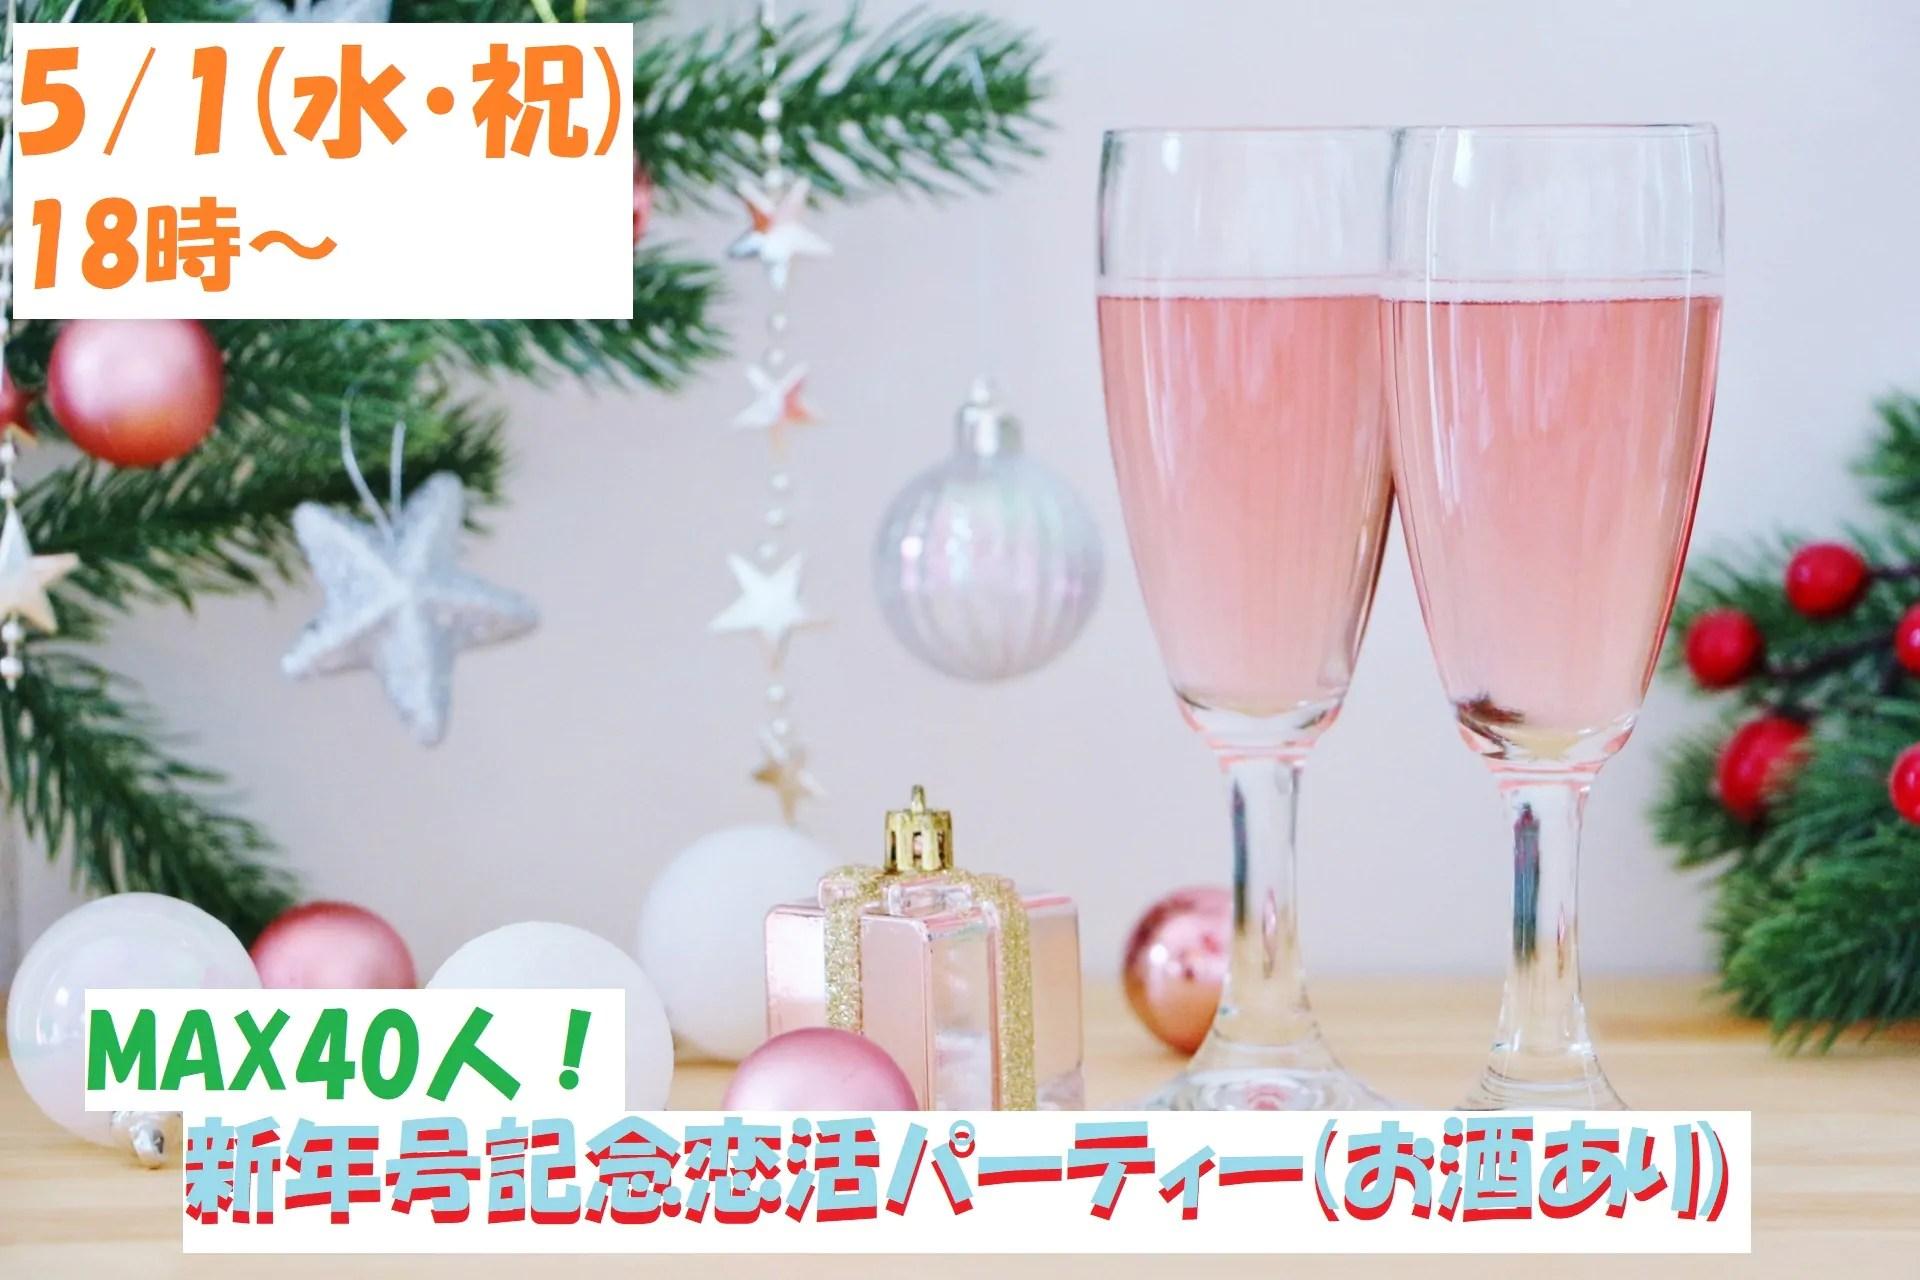 【終了】5月1日(水・祝)18時~新元号おめでとう!MAX40人!新元号記念恋活パーティー(お酒有)